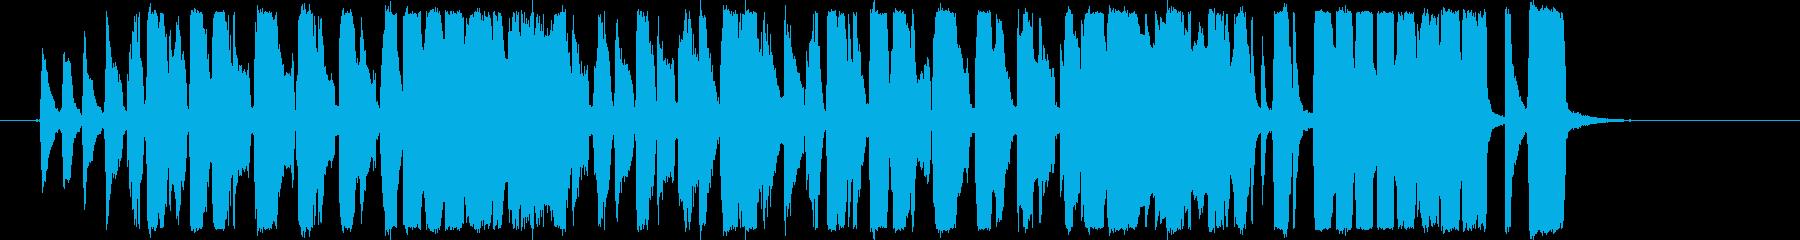 【生演奏】皆さん一緒に大行進! ジングルの再生済みの波形